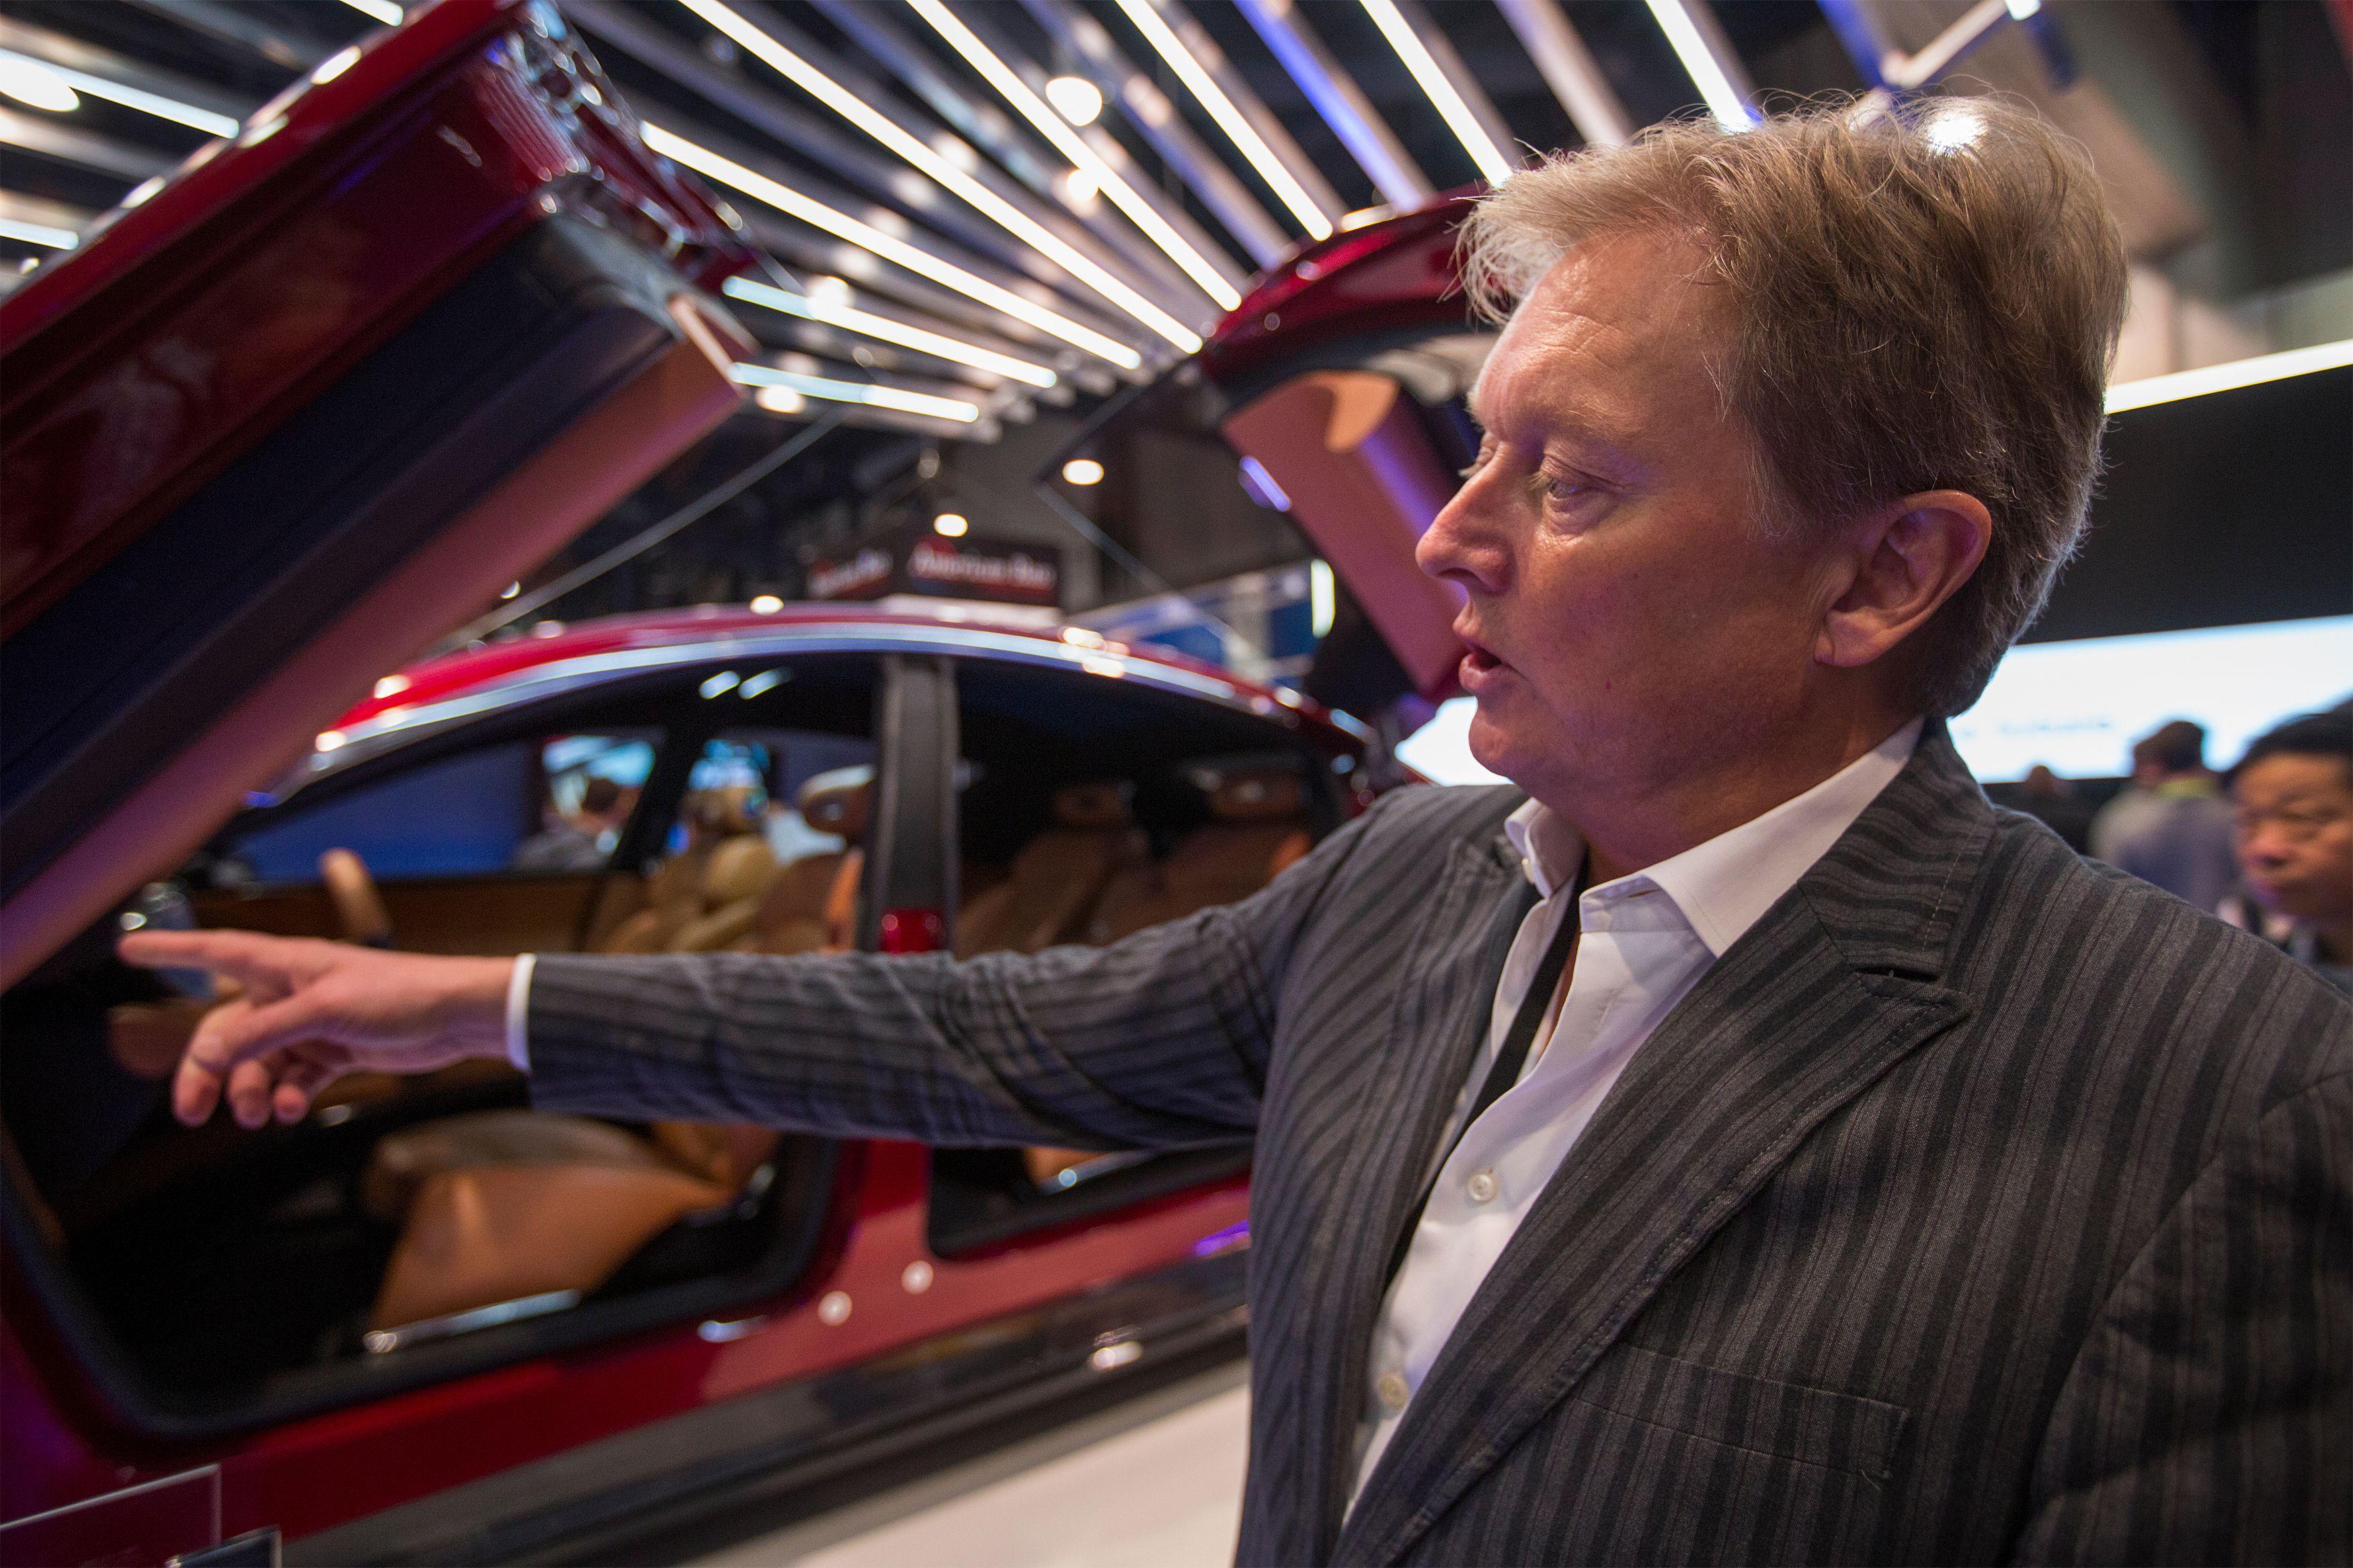 أحد المشاركين فى المعرض يشرح طريقة تطوير سيارة